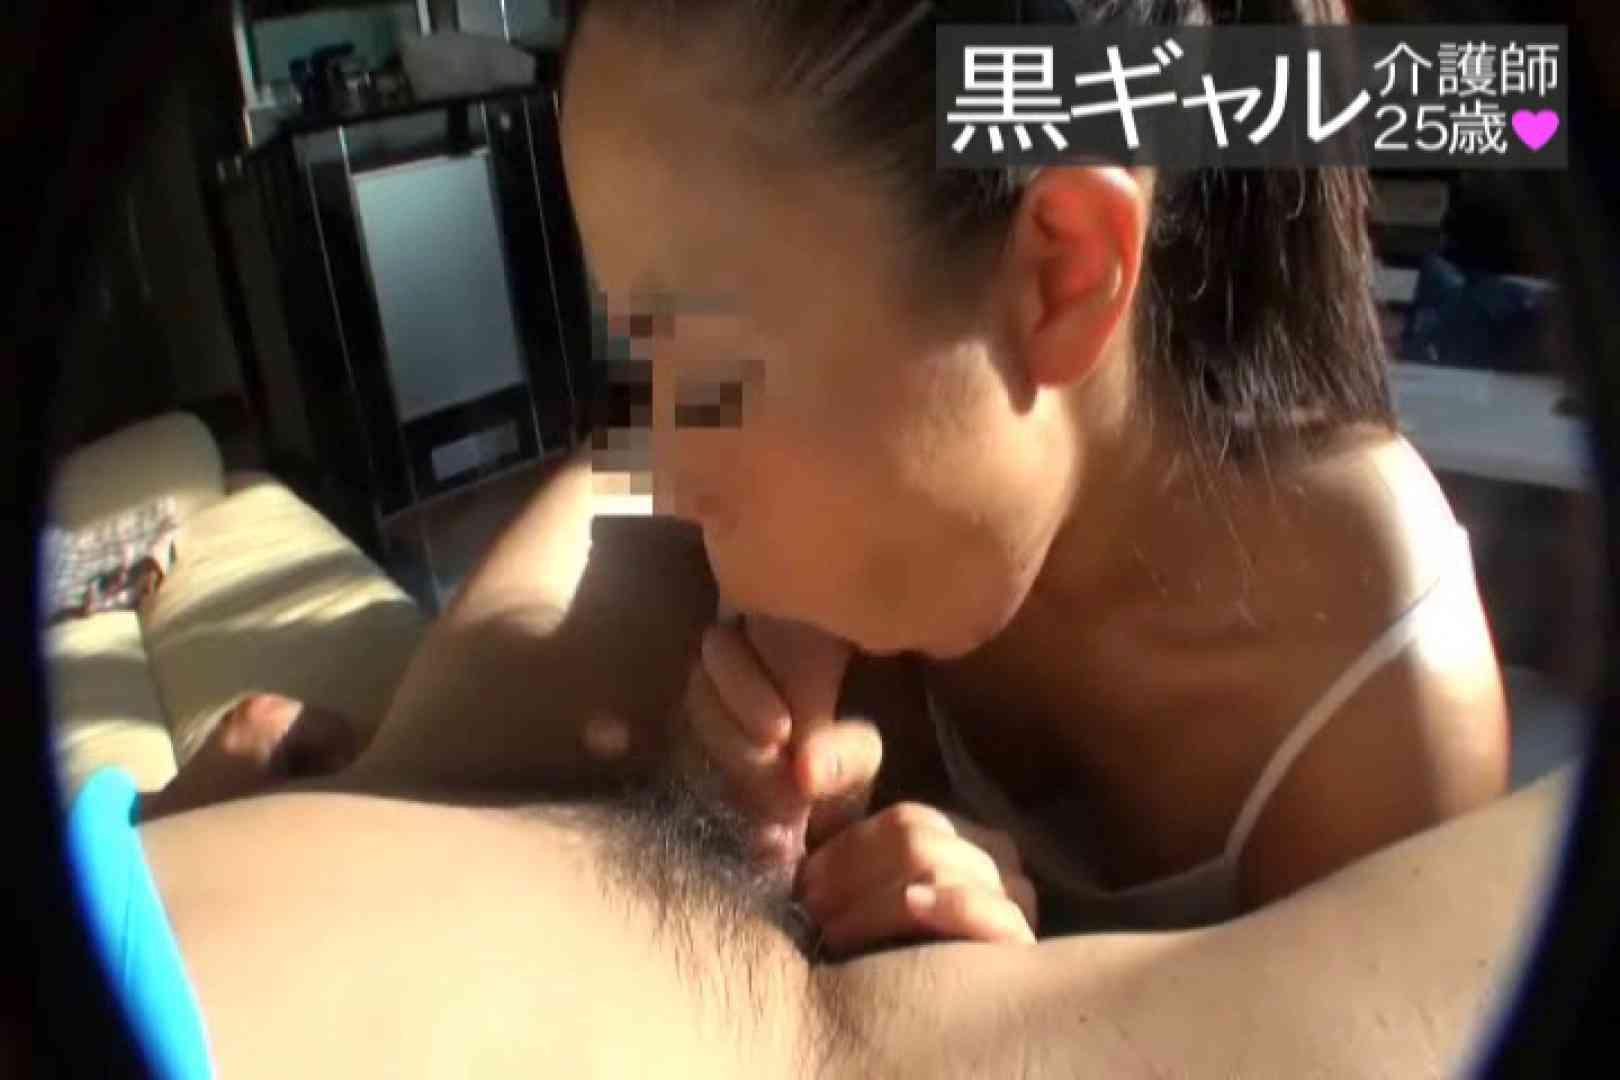 独占入手 従順M黒ギャル介護師25歳vol.6 美しいOLの裸体 | シャワー  78pic 29